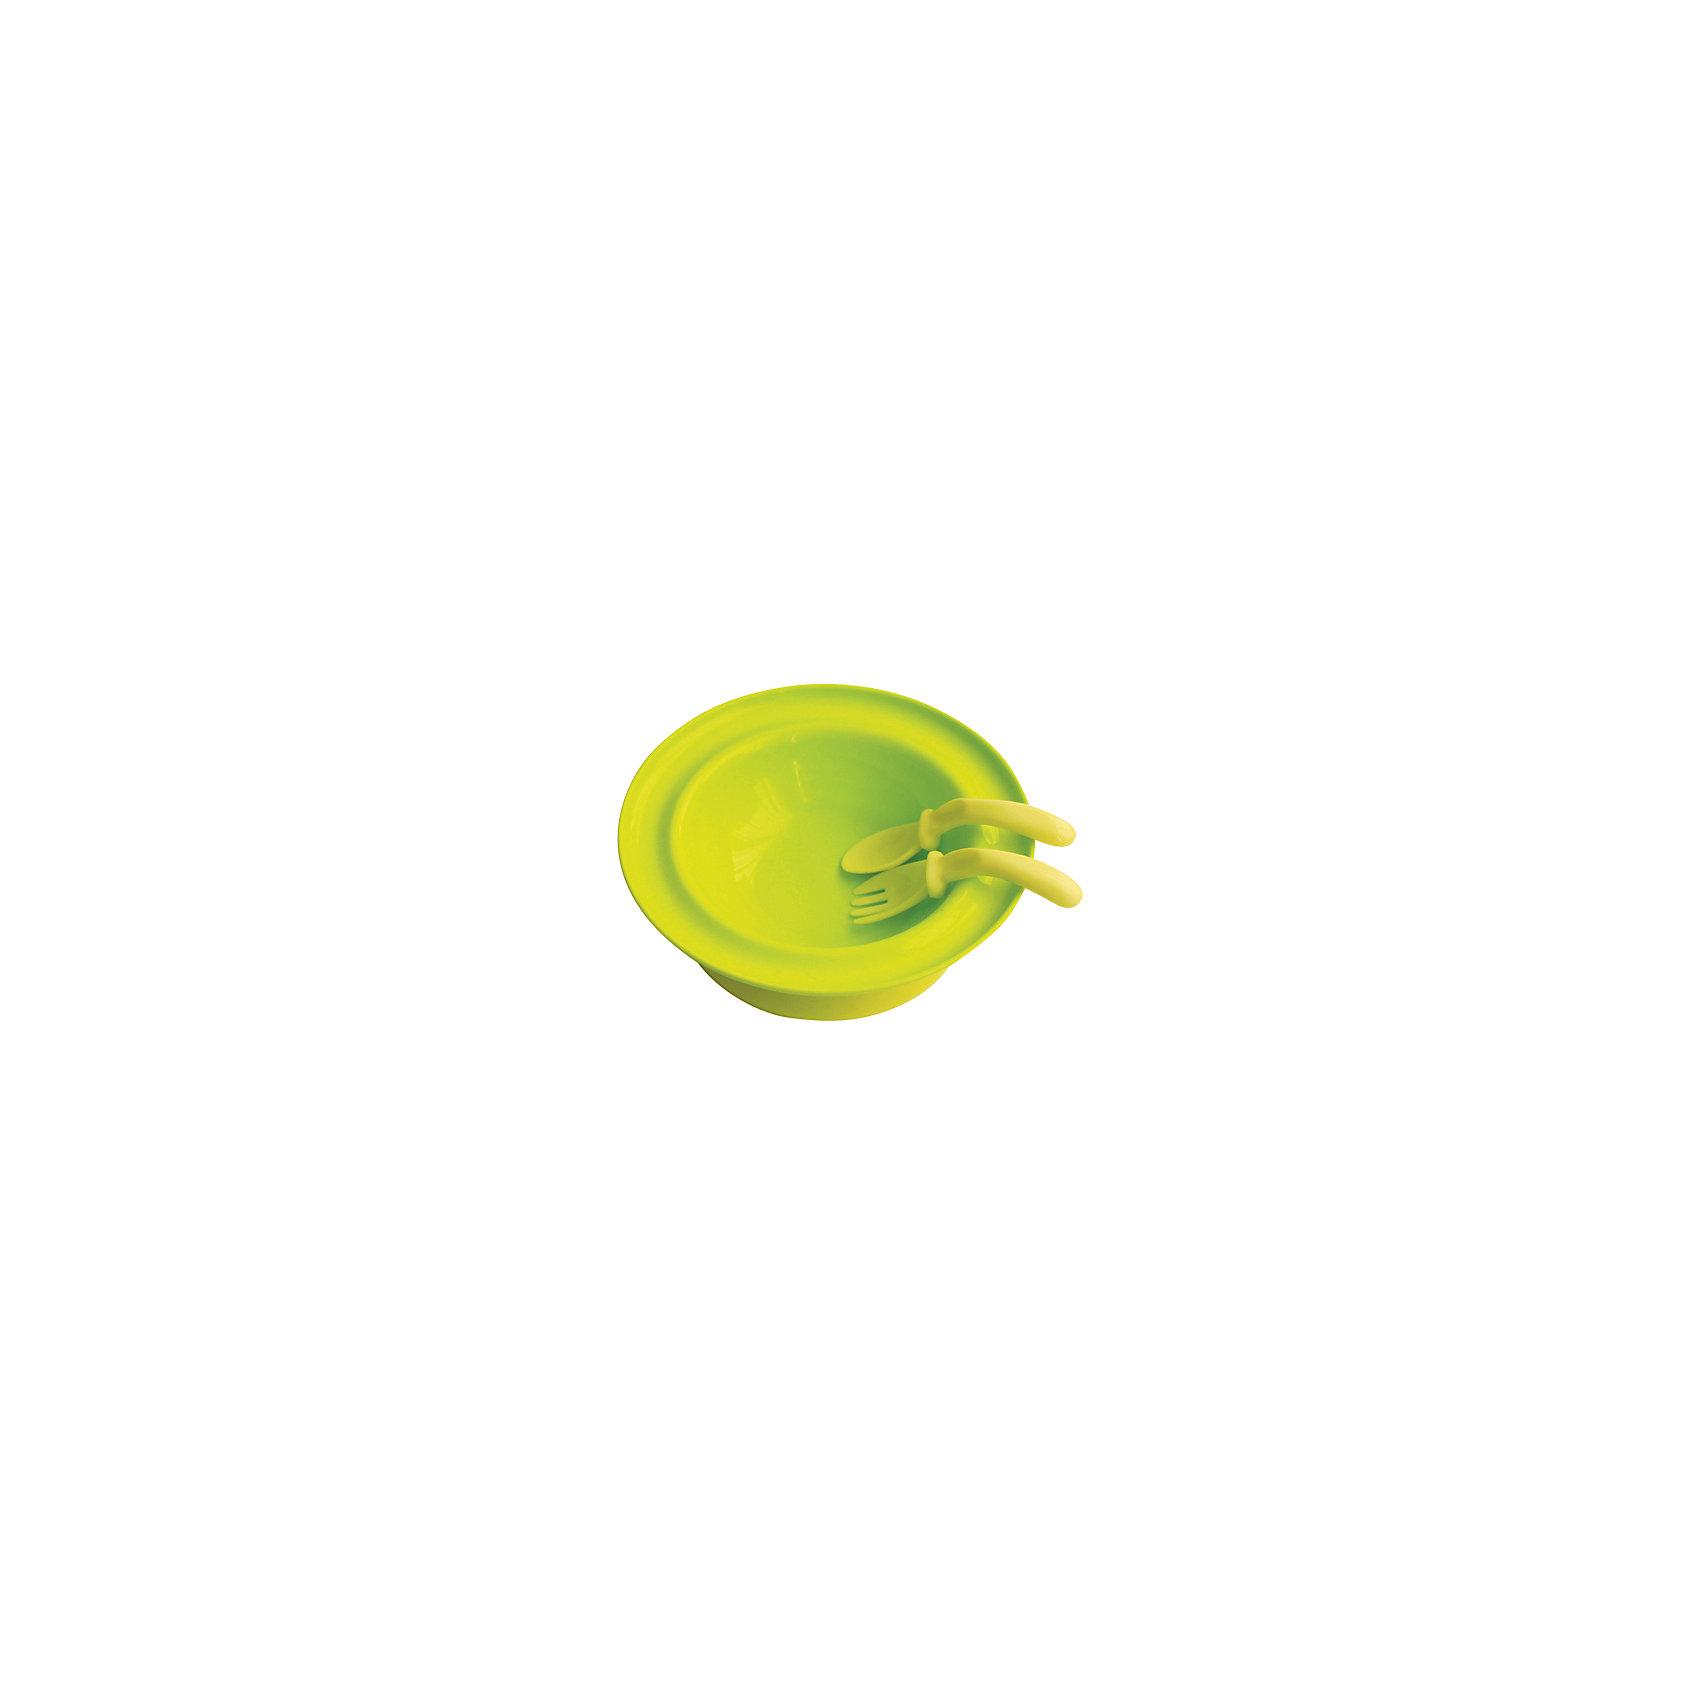 Тарелка 250 мл. с присоской с вилкой и ложкой от 6 мес., LUBBY, зеленый